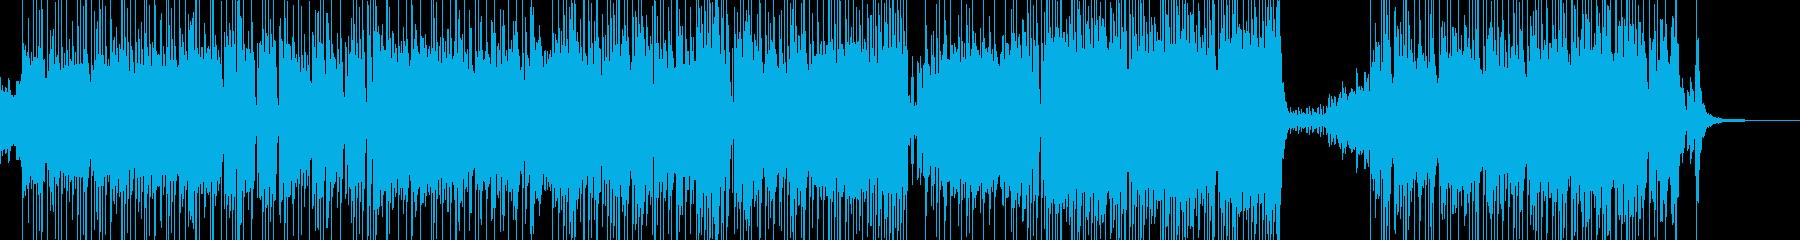 メルヘンな演出・ゆめかわポップス 短尺の再生済みの波形